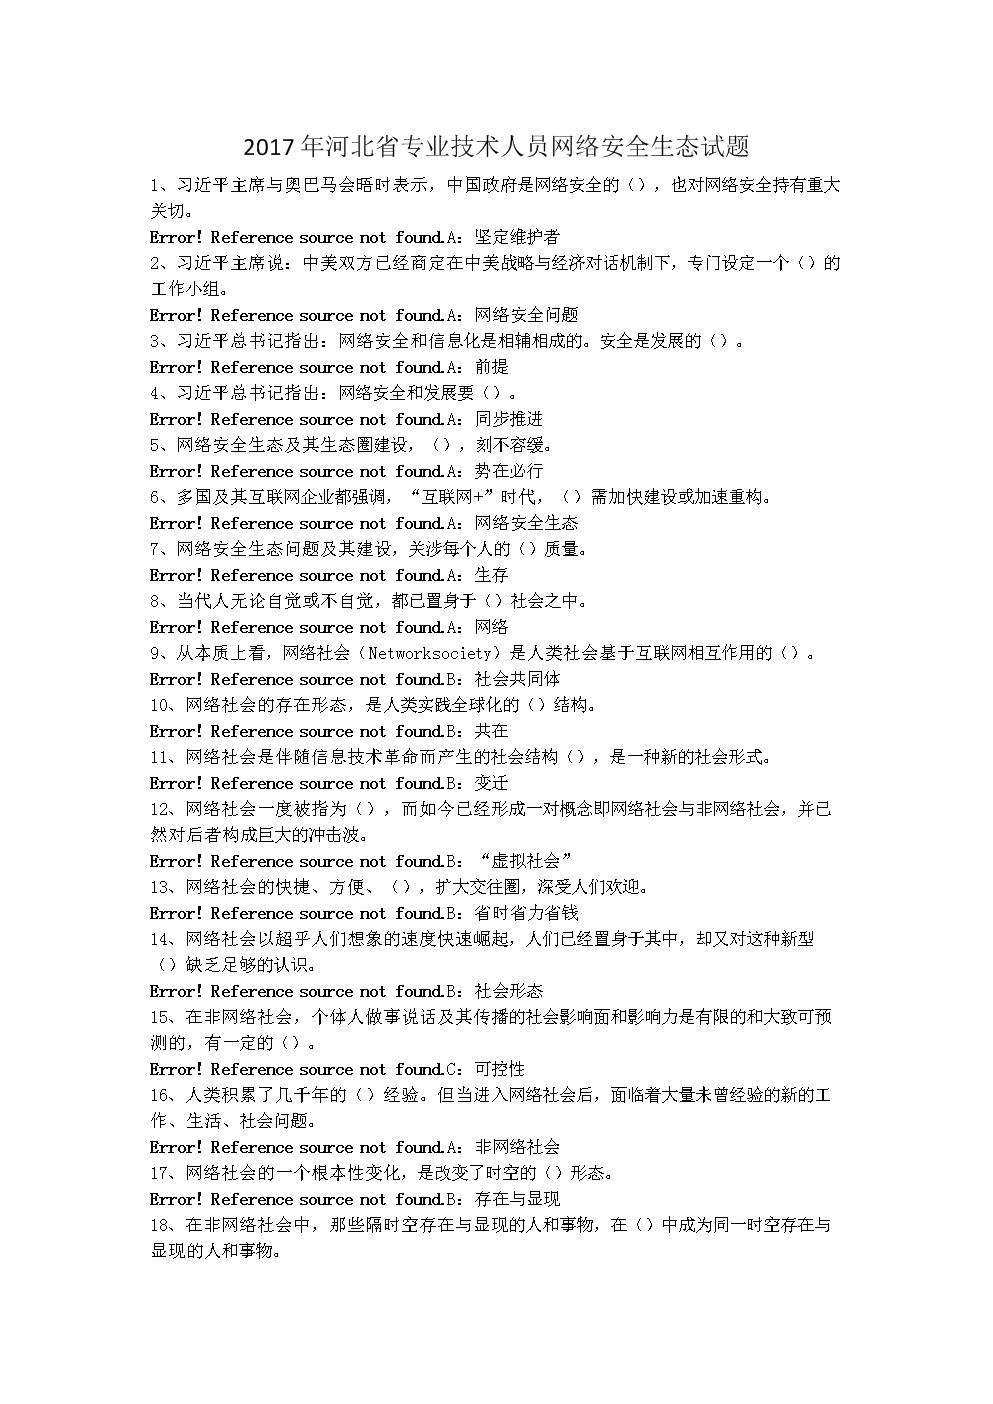 河北省2017年专业技术人员网络安全生态试题汇编(附答案).doc